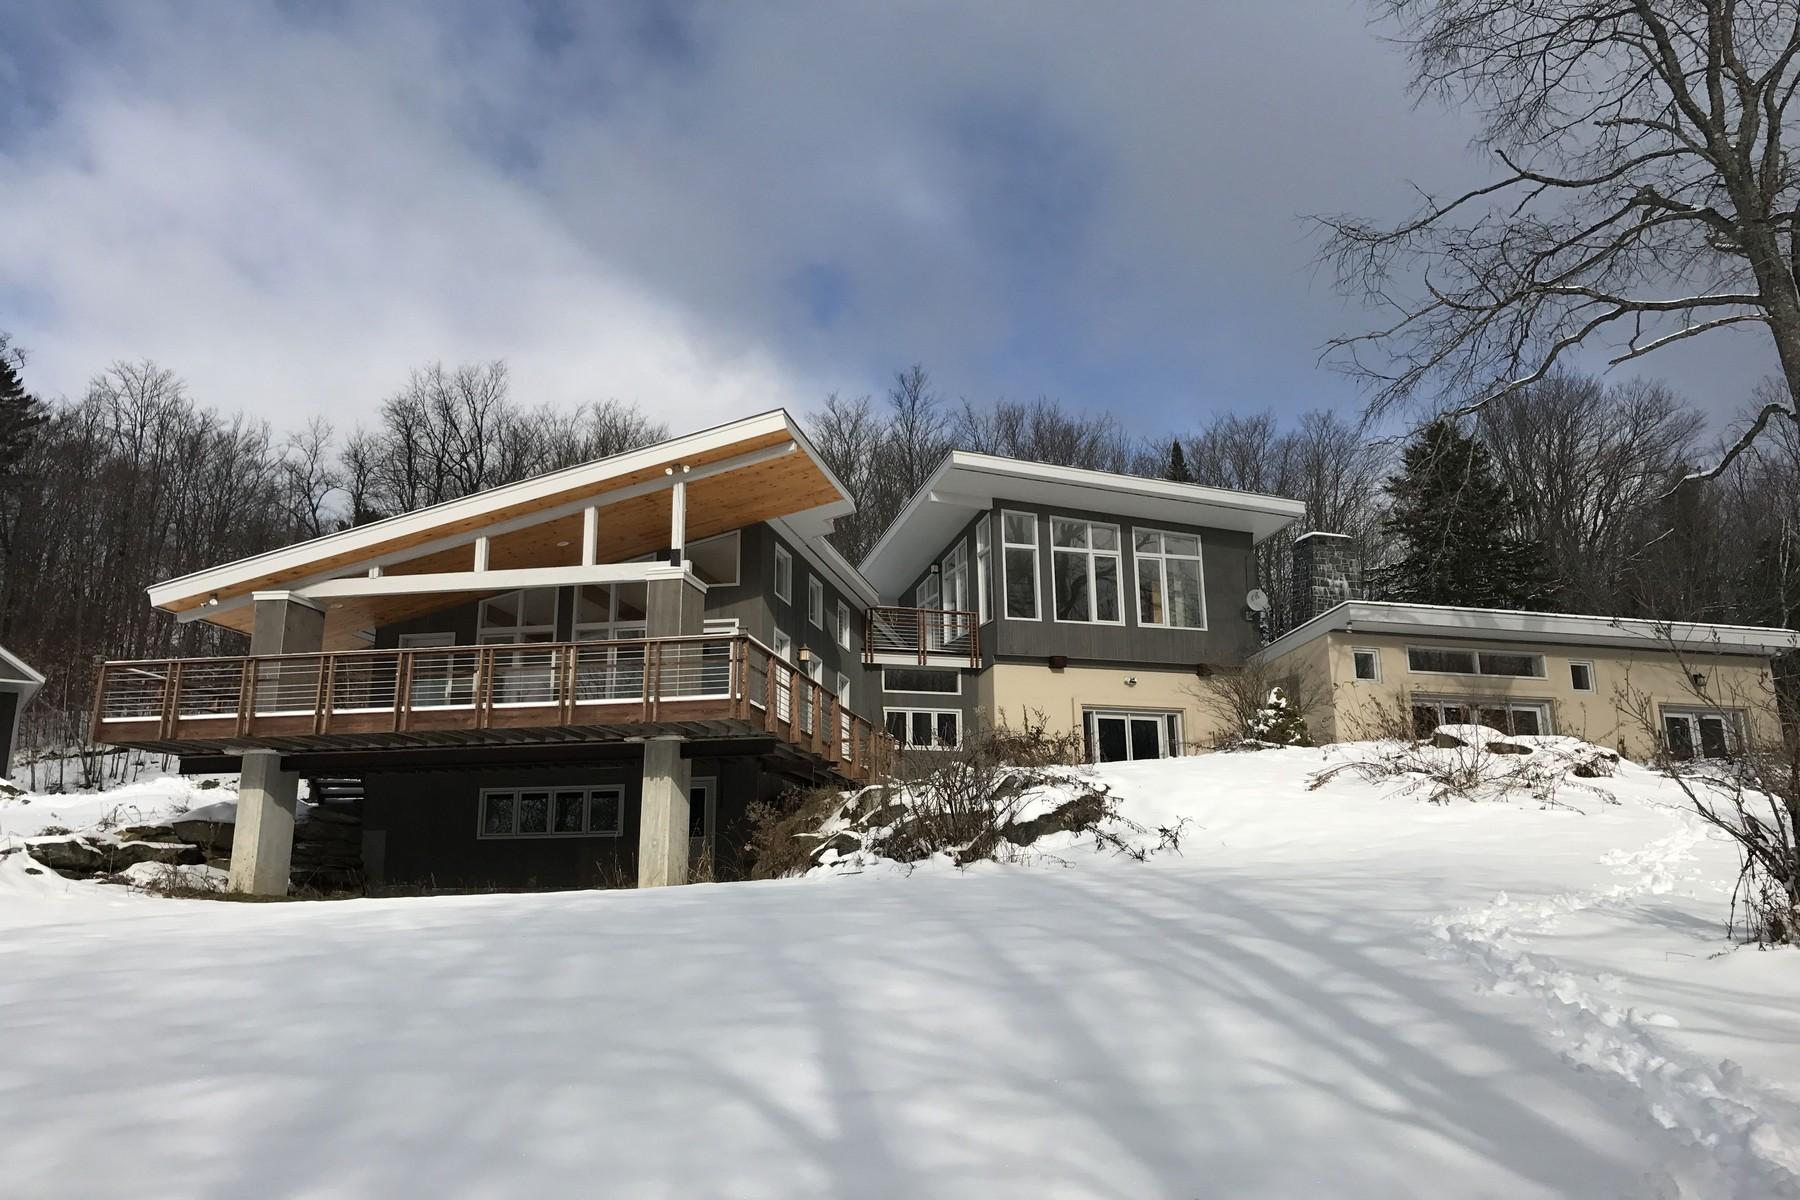 独户住宅 为 销售 在 30+ Acre Private Estate 813 Ccc Rd 什鲁斯伯里, 佛蒙特州, 05738 美国